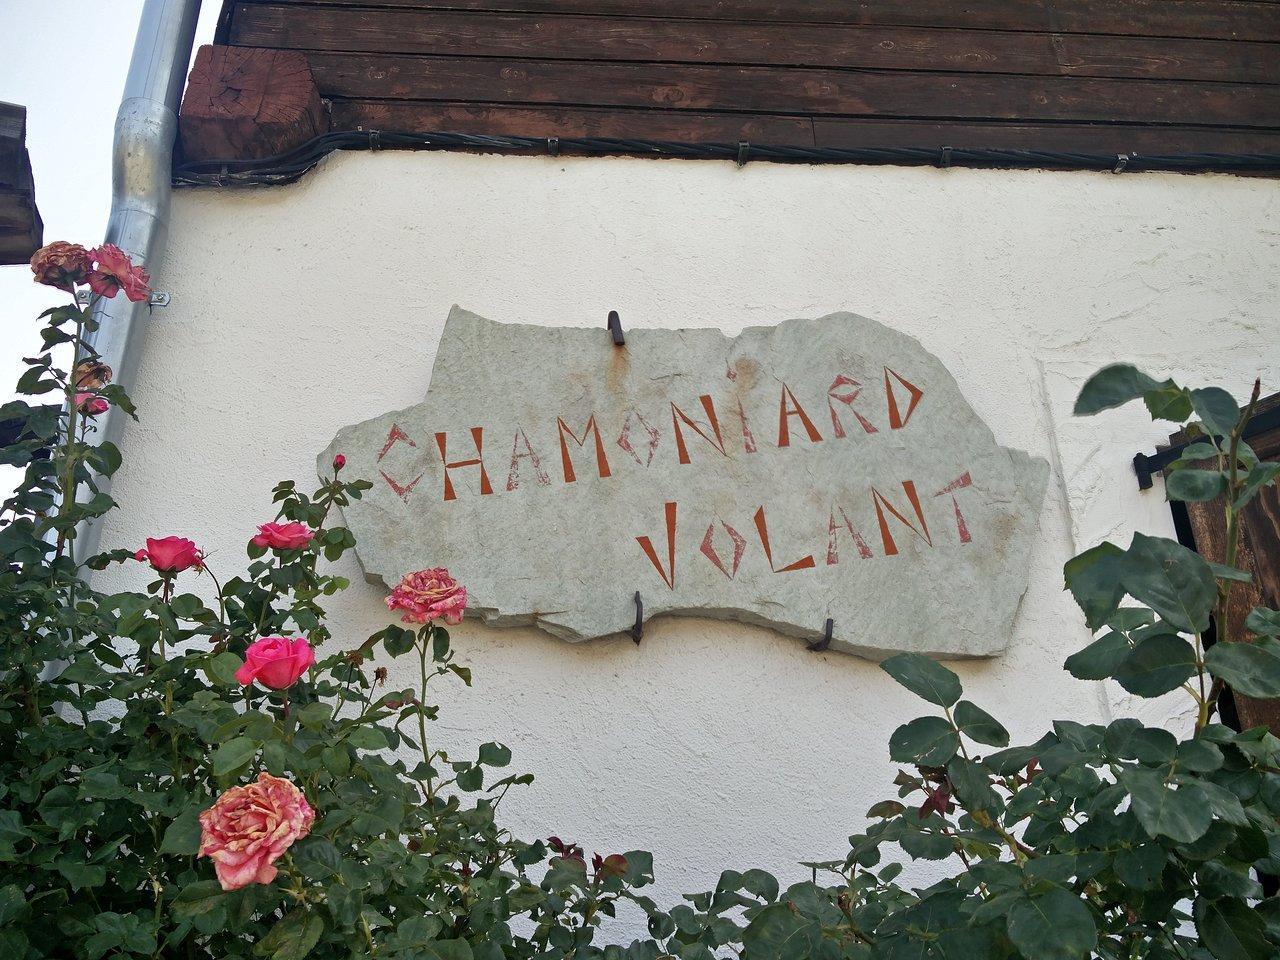 Le Chamoniard Volant (Chamonix, Fransa) - Yurt Yorumları Ve ... intérieur Piscine Alai